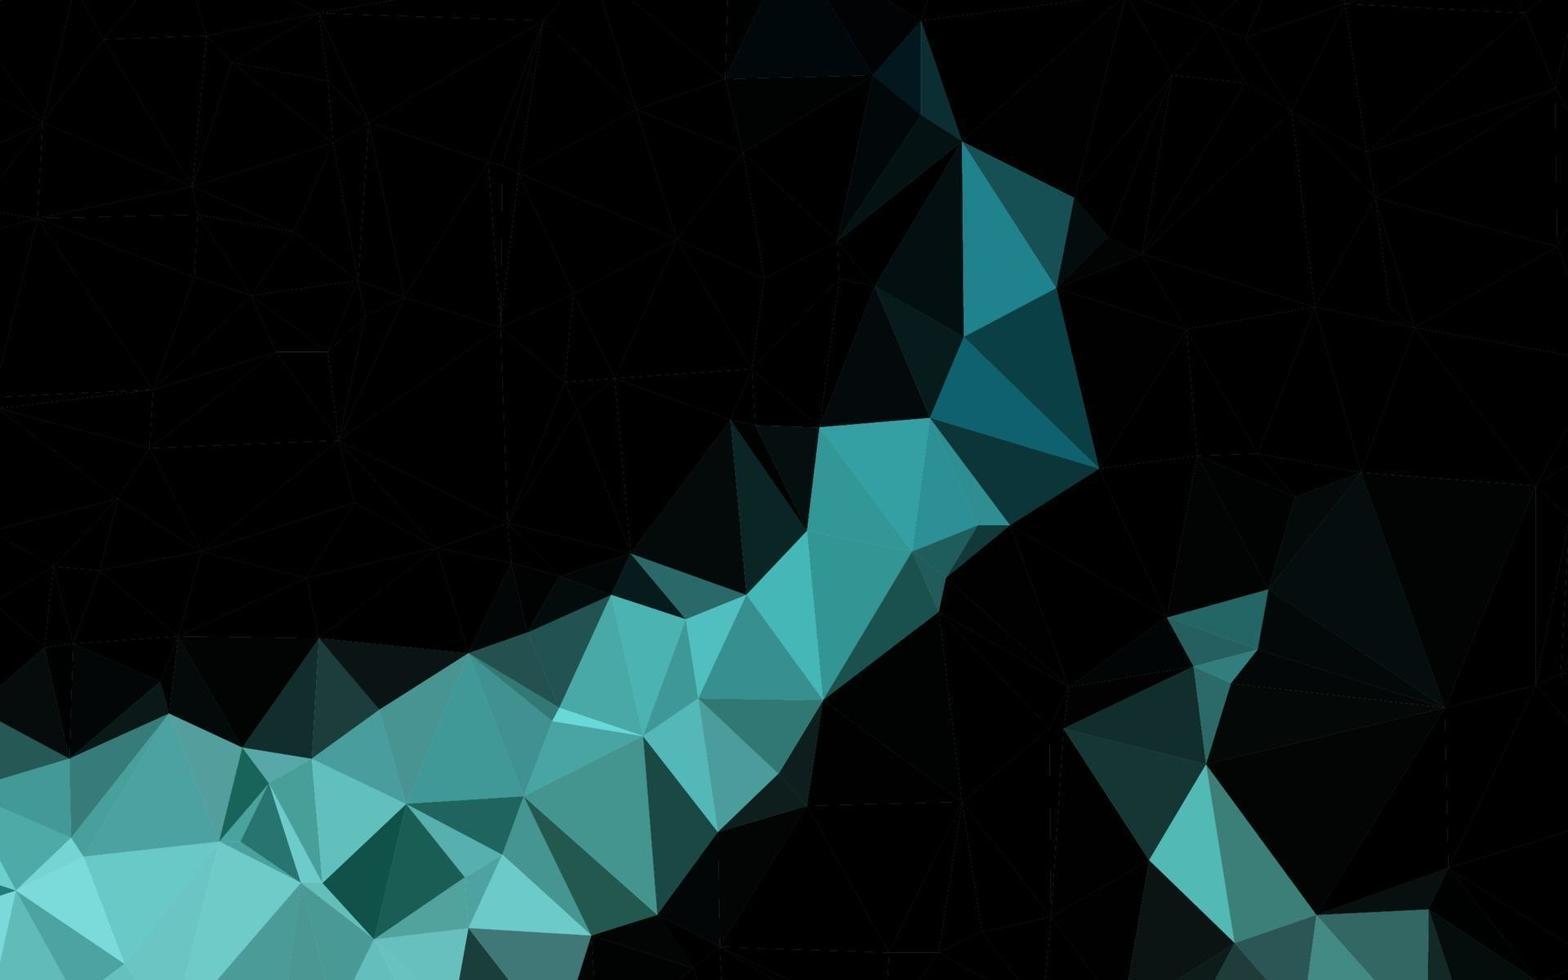 textura poligonal do sumário do vetor azul claro.